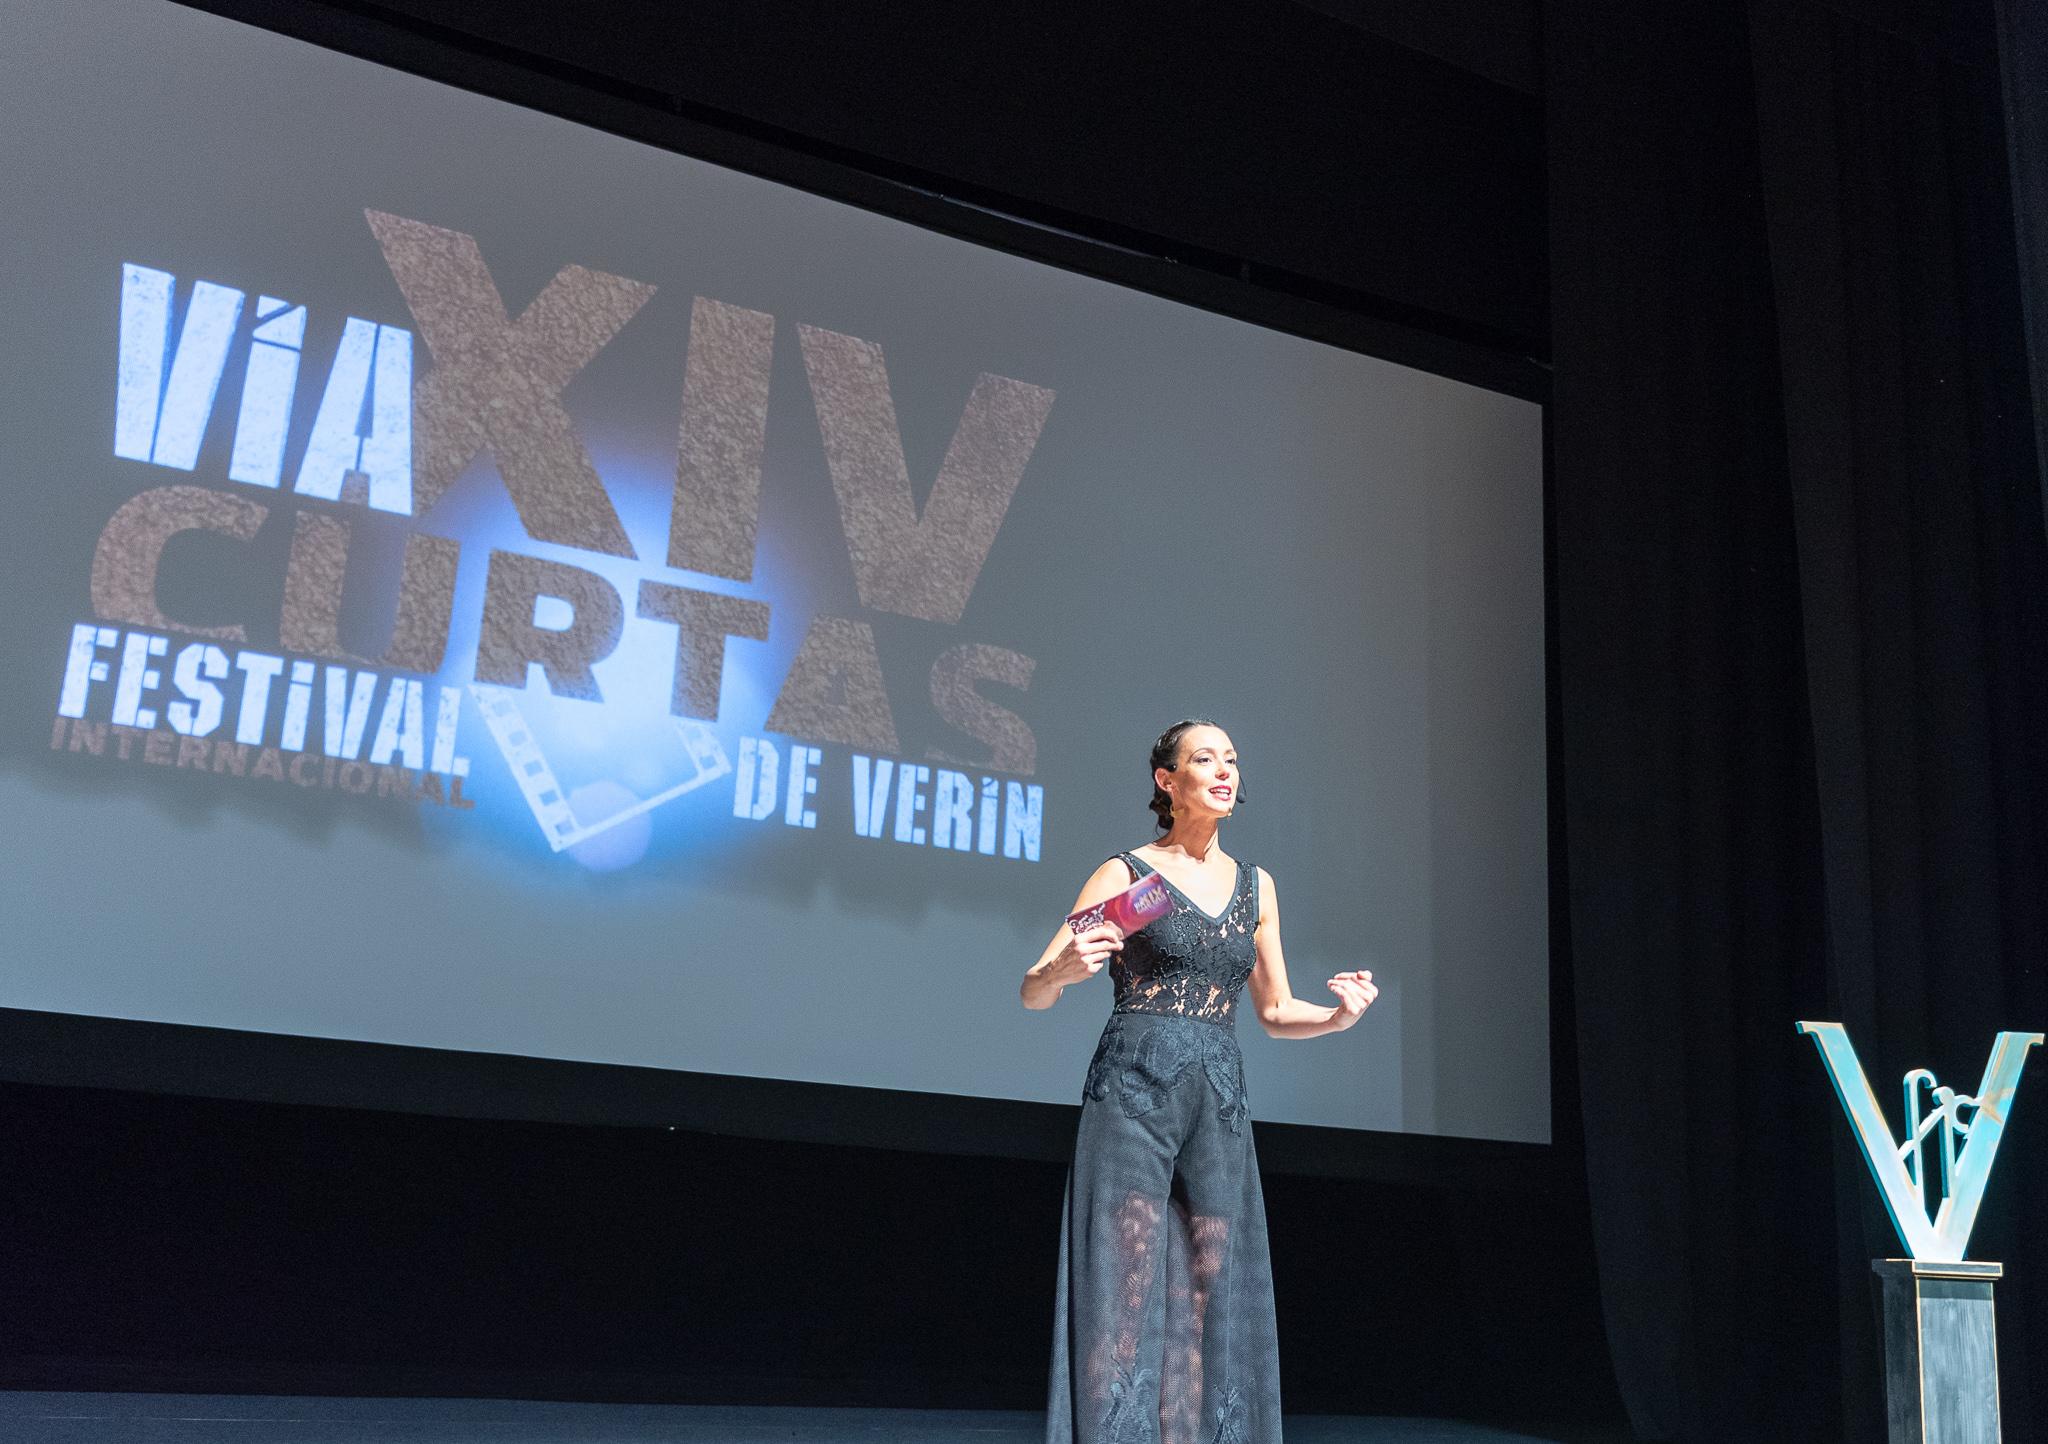 Gala Inaugural Festival Internacional de Curtas de Verín Vía XIV